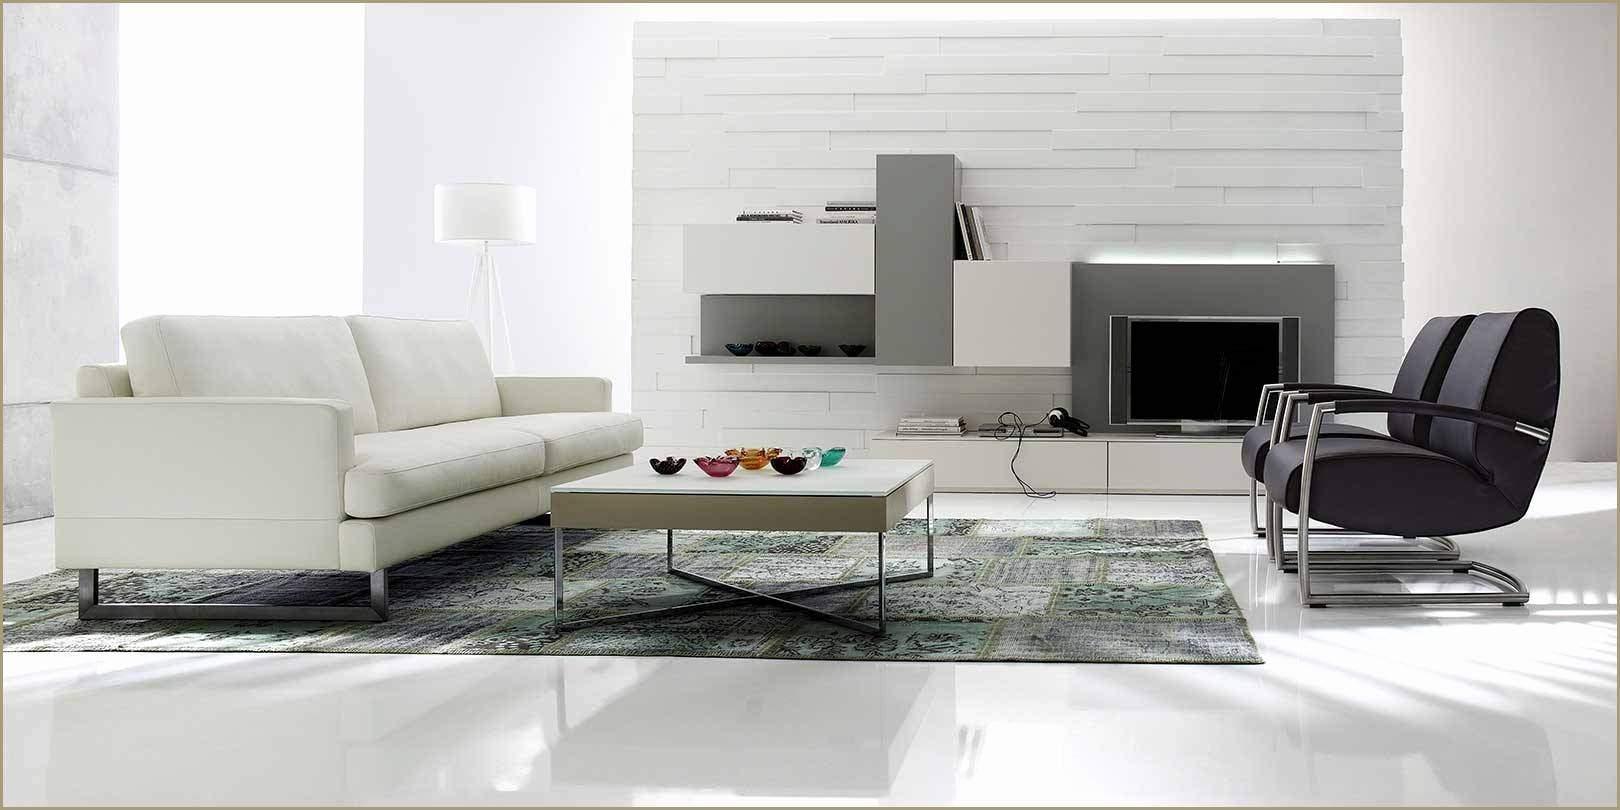 wohnzimmer deko online shop reizend luxus wohnzimmer deko luxus of wohnzimmer deko online shop